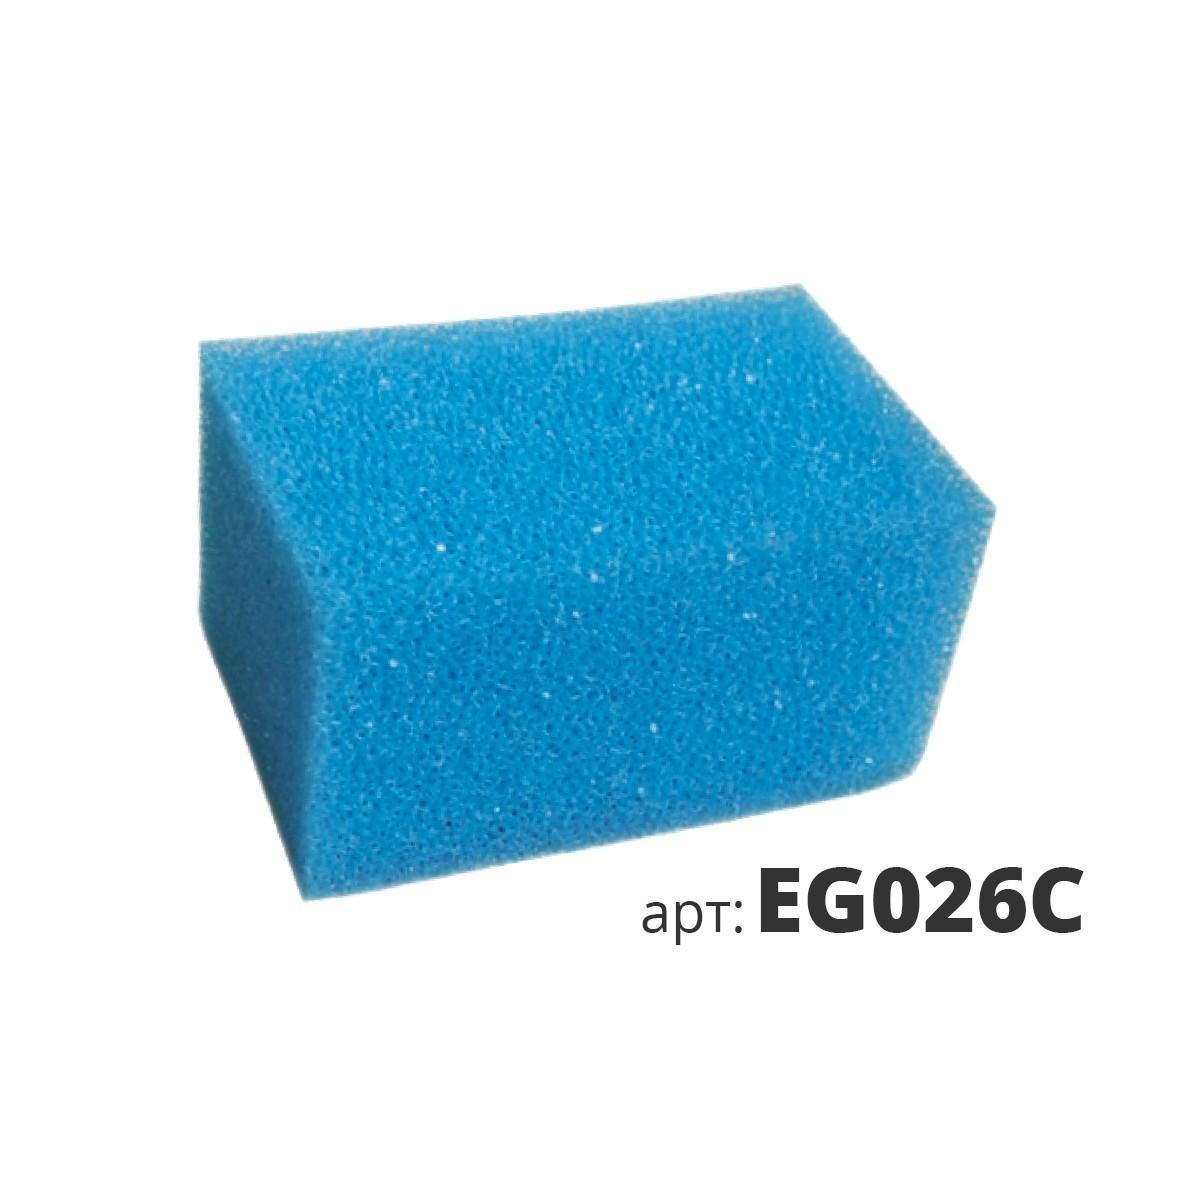 Поролоновая губка средней текстуры, жесткая EG026C